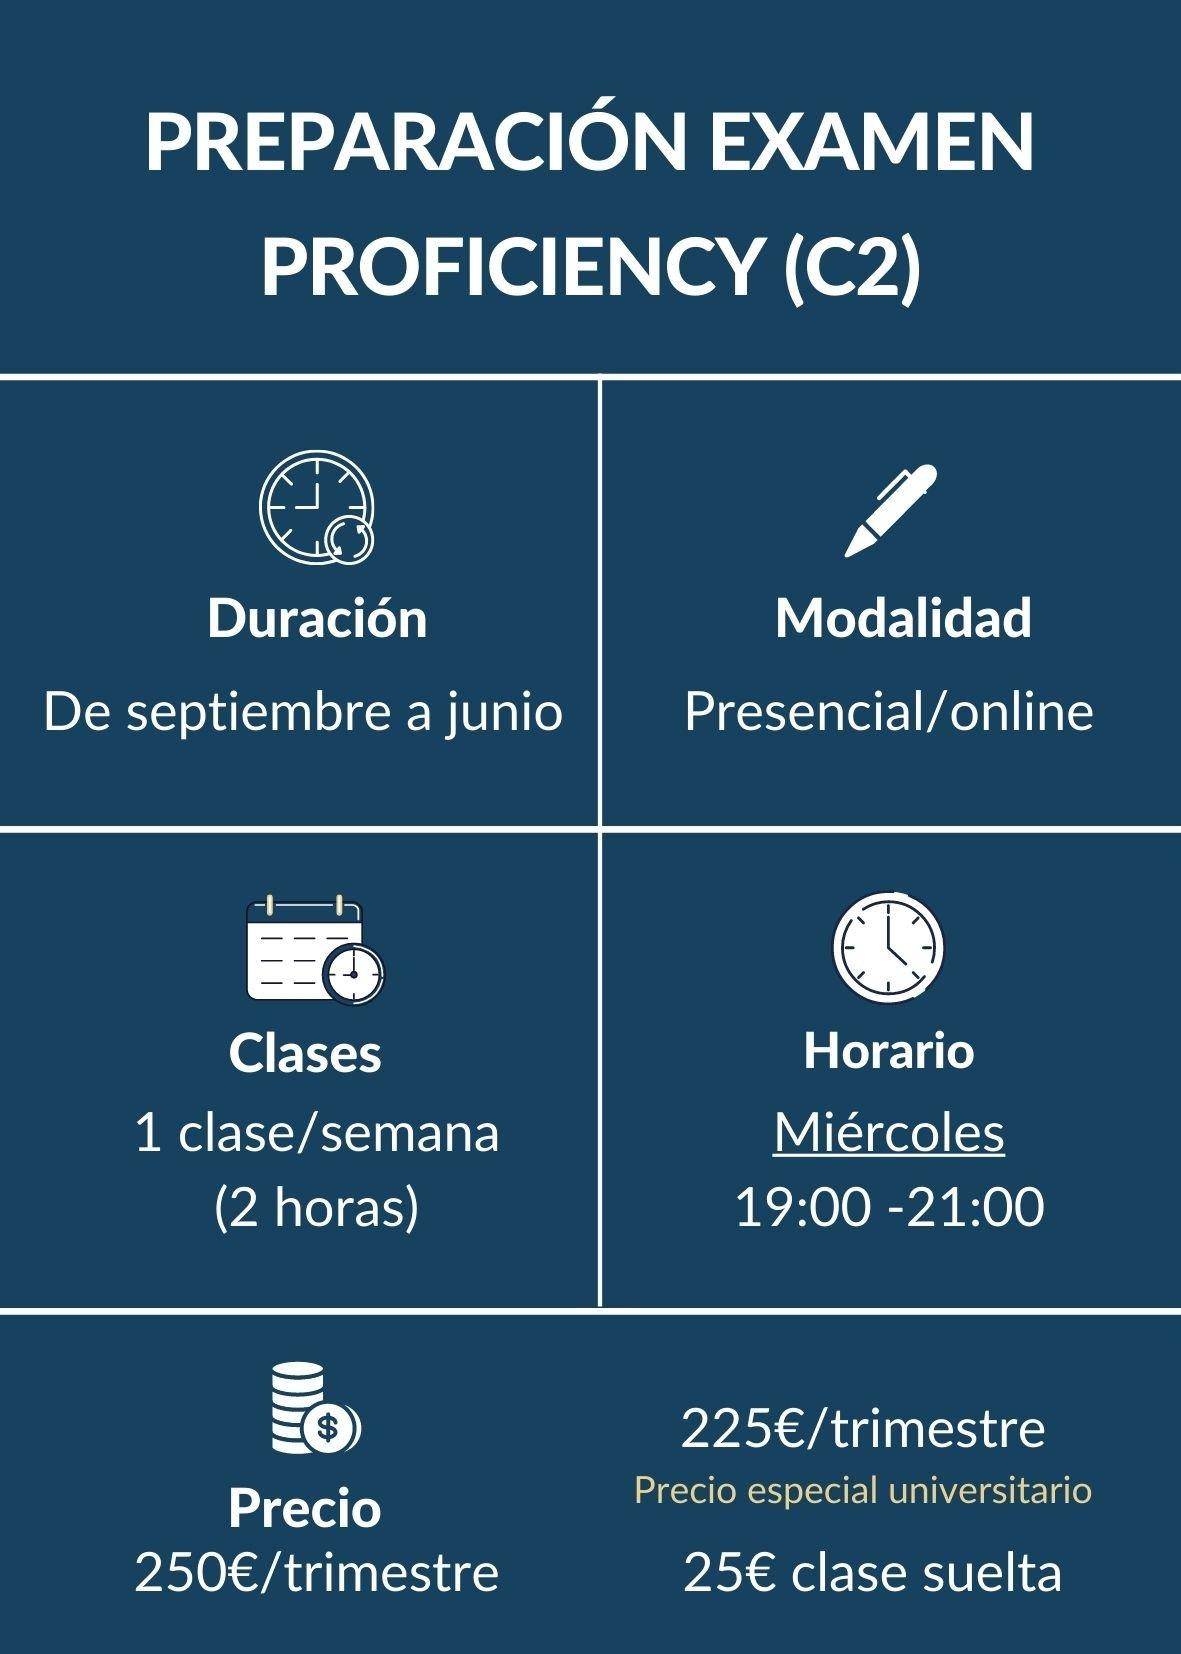 CURSO INGLES PREPARACIÓN EXAMEN INGLES PROFICIENCY C2 MADRID